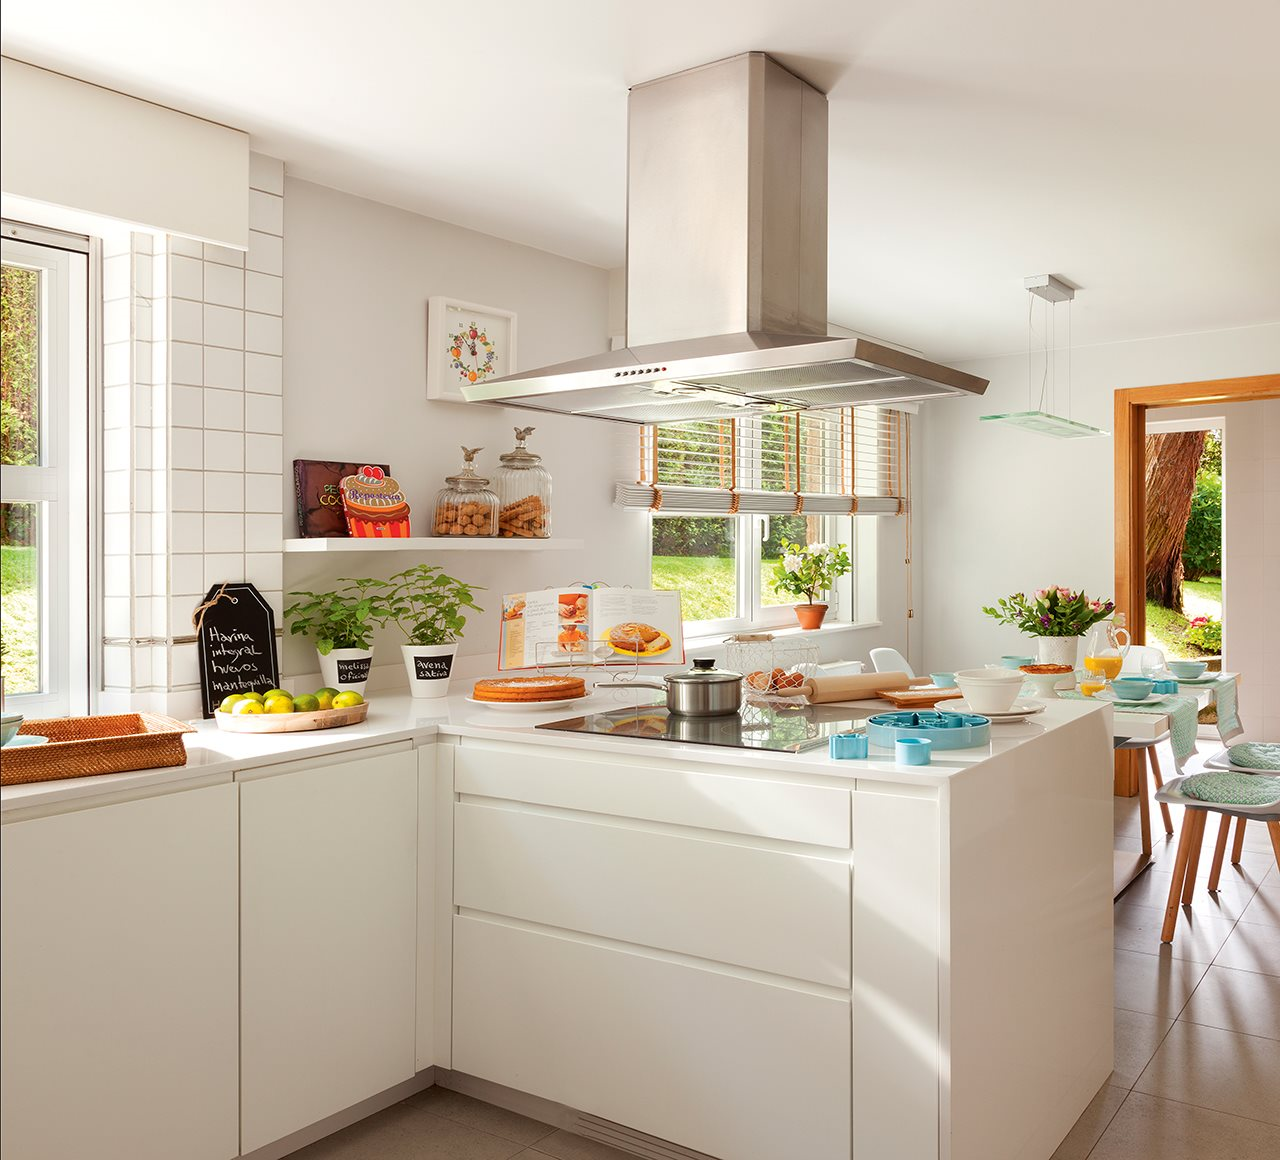 Casa familiar en galicia - Cocinas azules y blancas ...